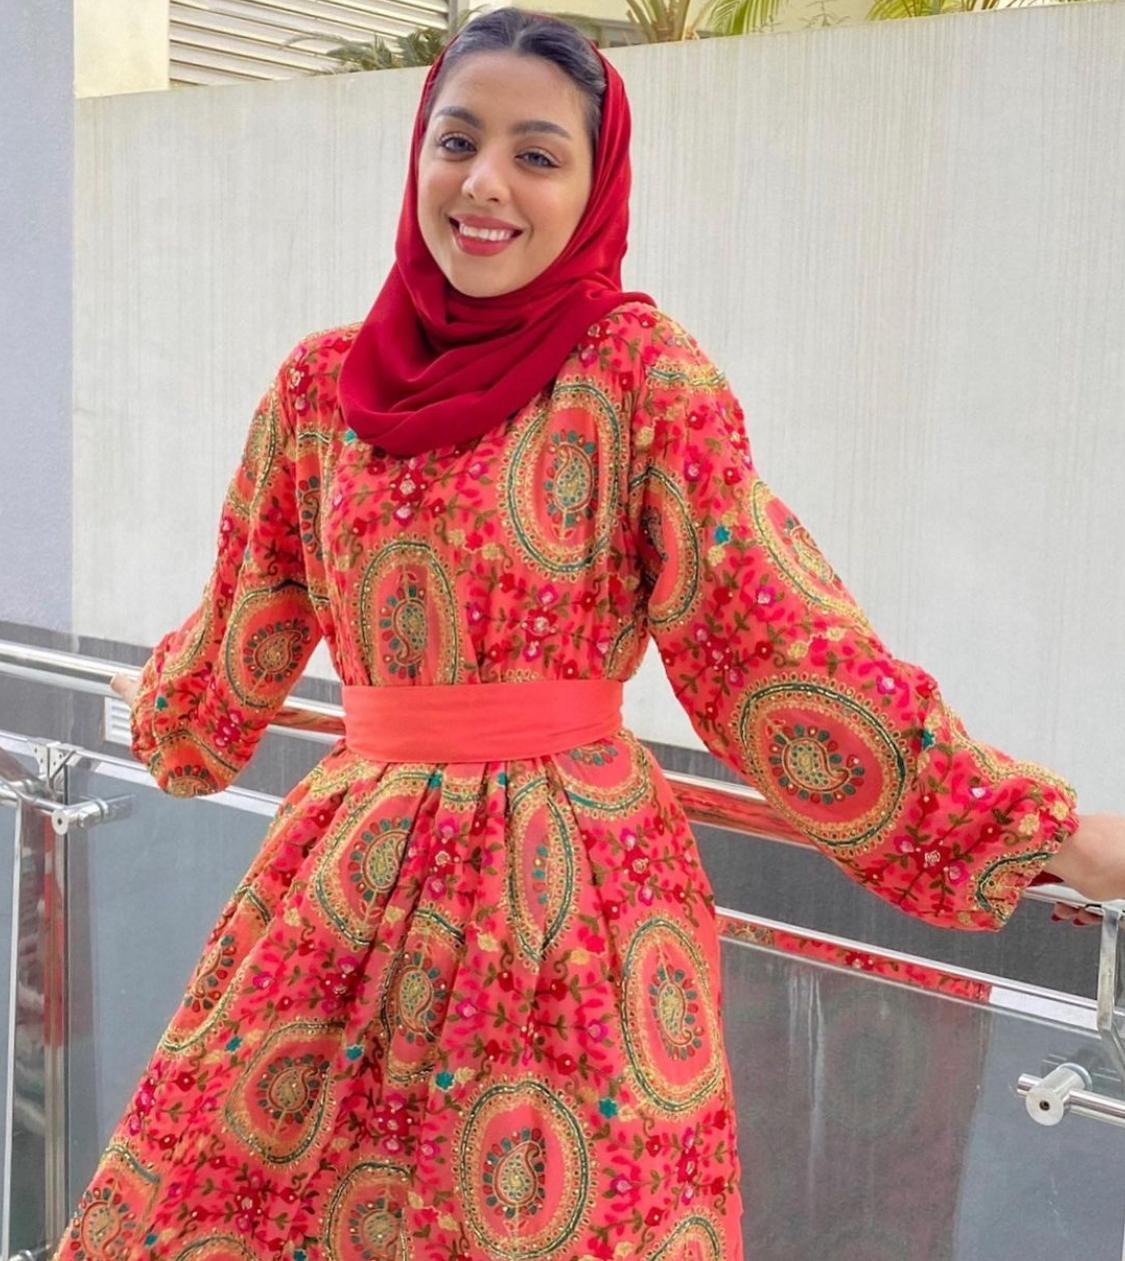 2 فستان مطبع باسلوب تراثي من الخنساء -الصورة من حسابها على الانستغرام